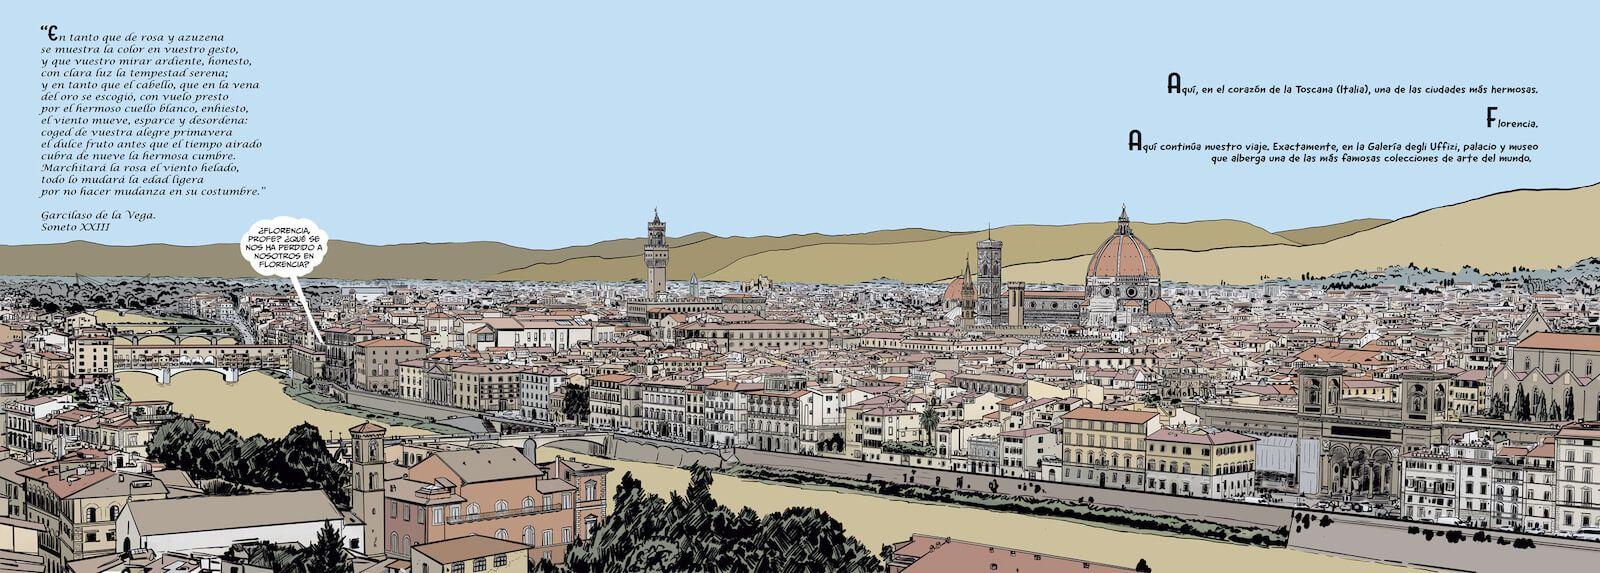 Historia del arte en cómic. El Renacimiento, de Pedro Cifuentes Florencia